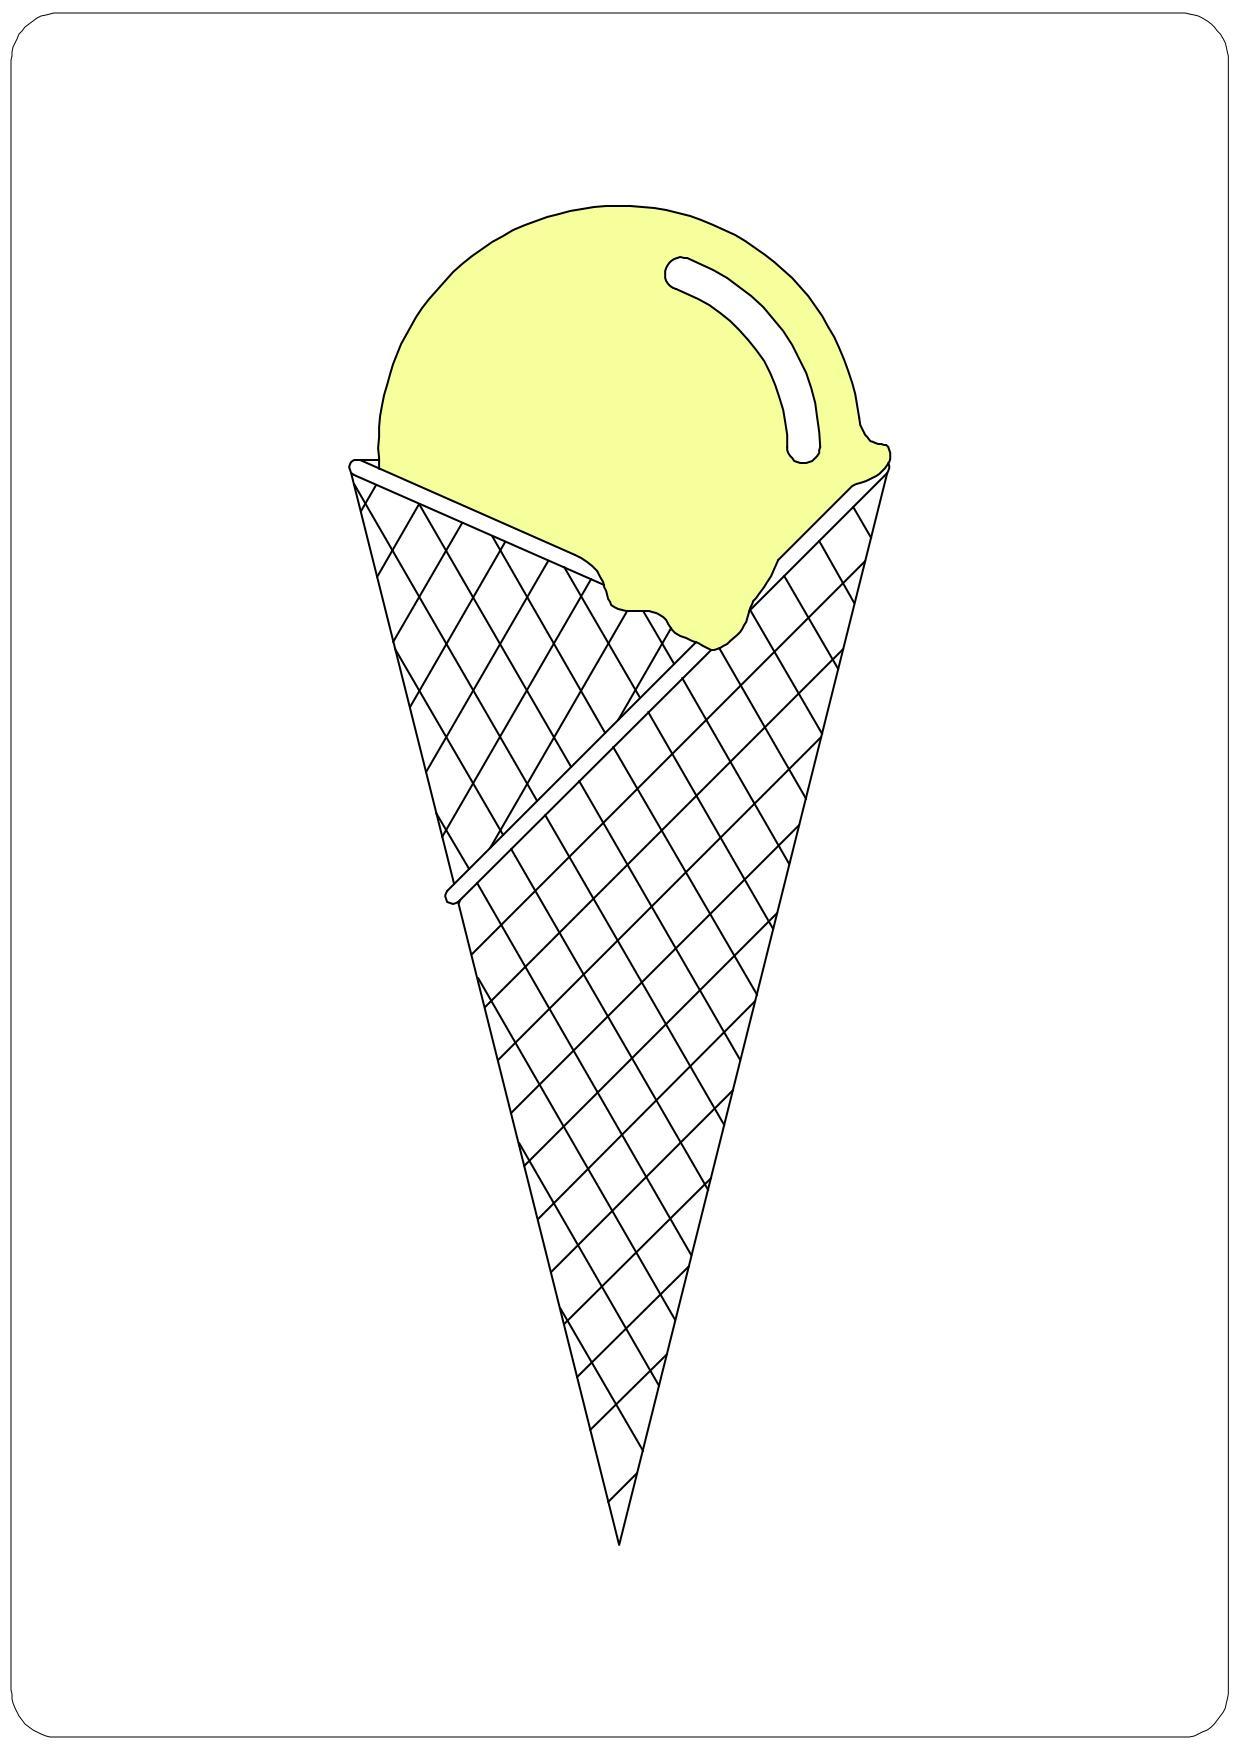 - Lecker Eis! -